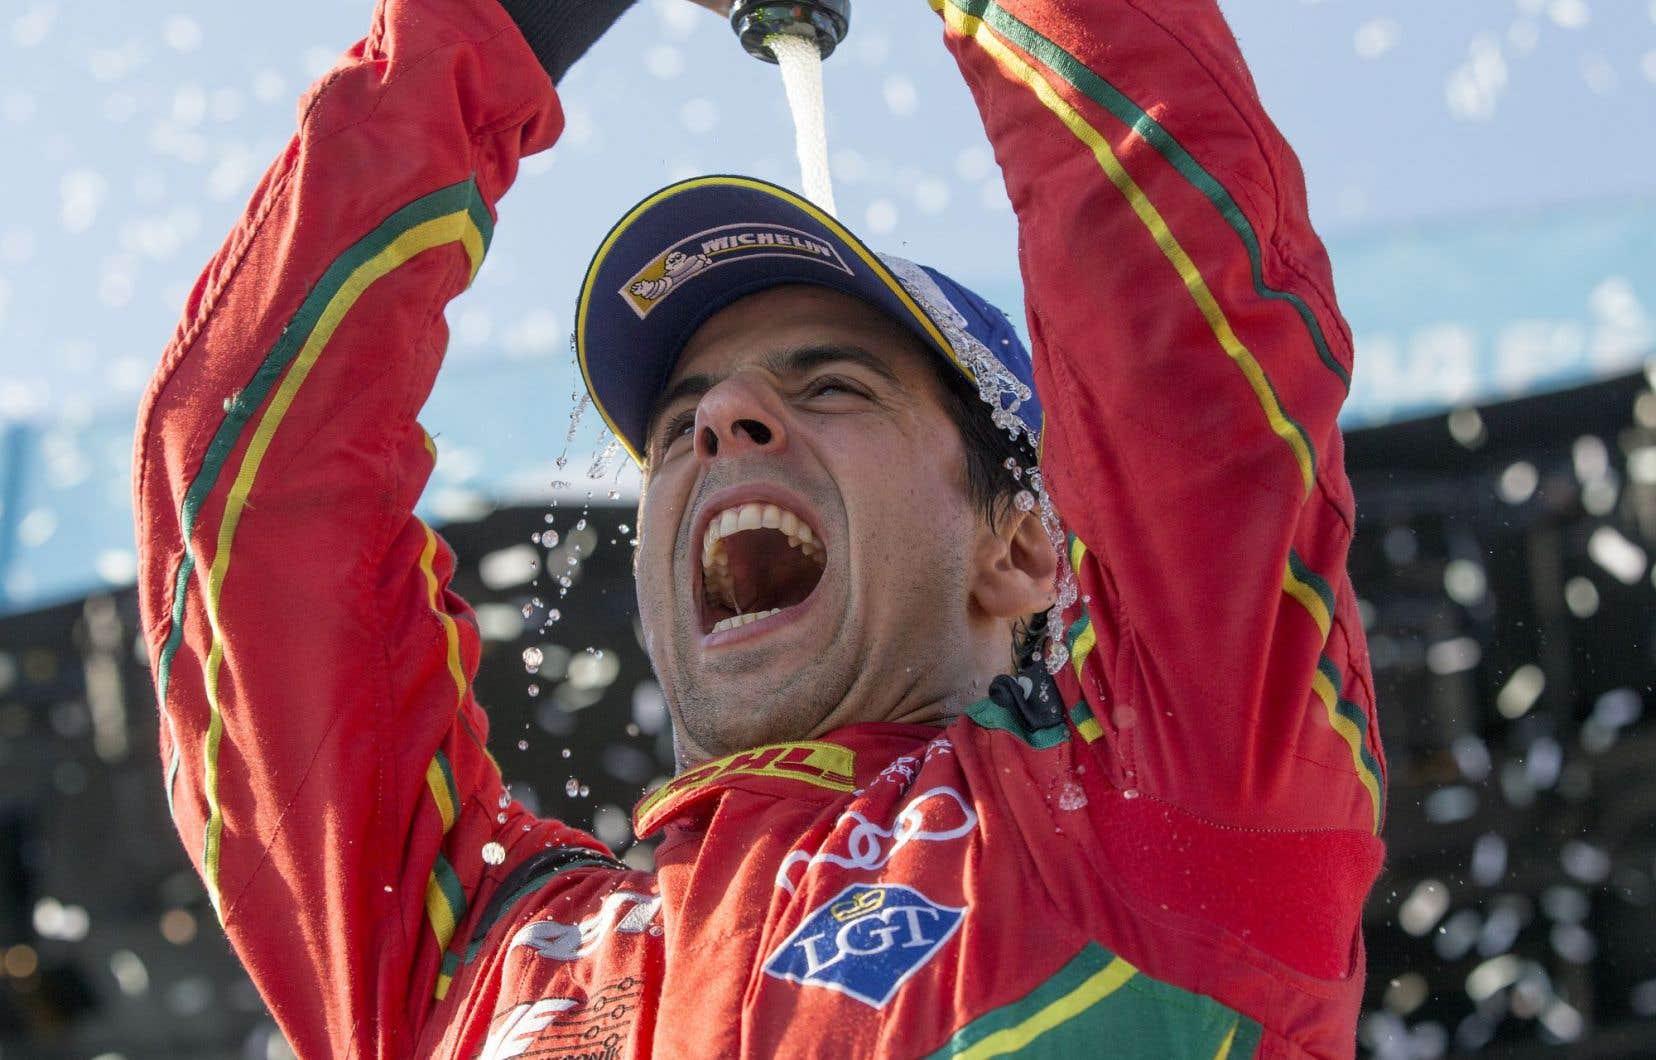 Malgré la victoire du Français Jean-Éric Vergne, le Brésilien Di Grassi a remporté dimanche le championnat des pilotes de Formule E.